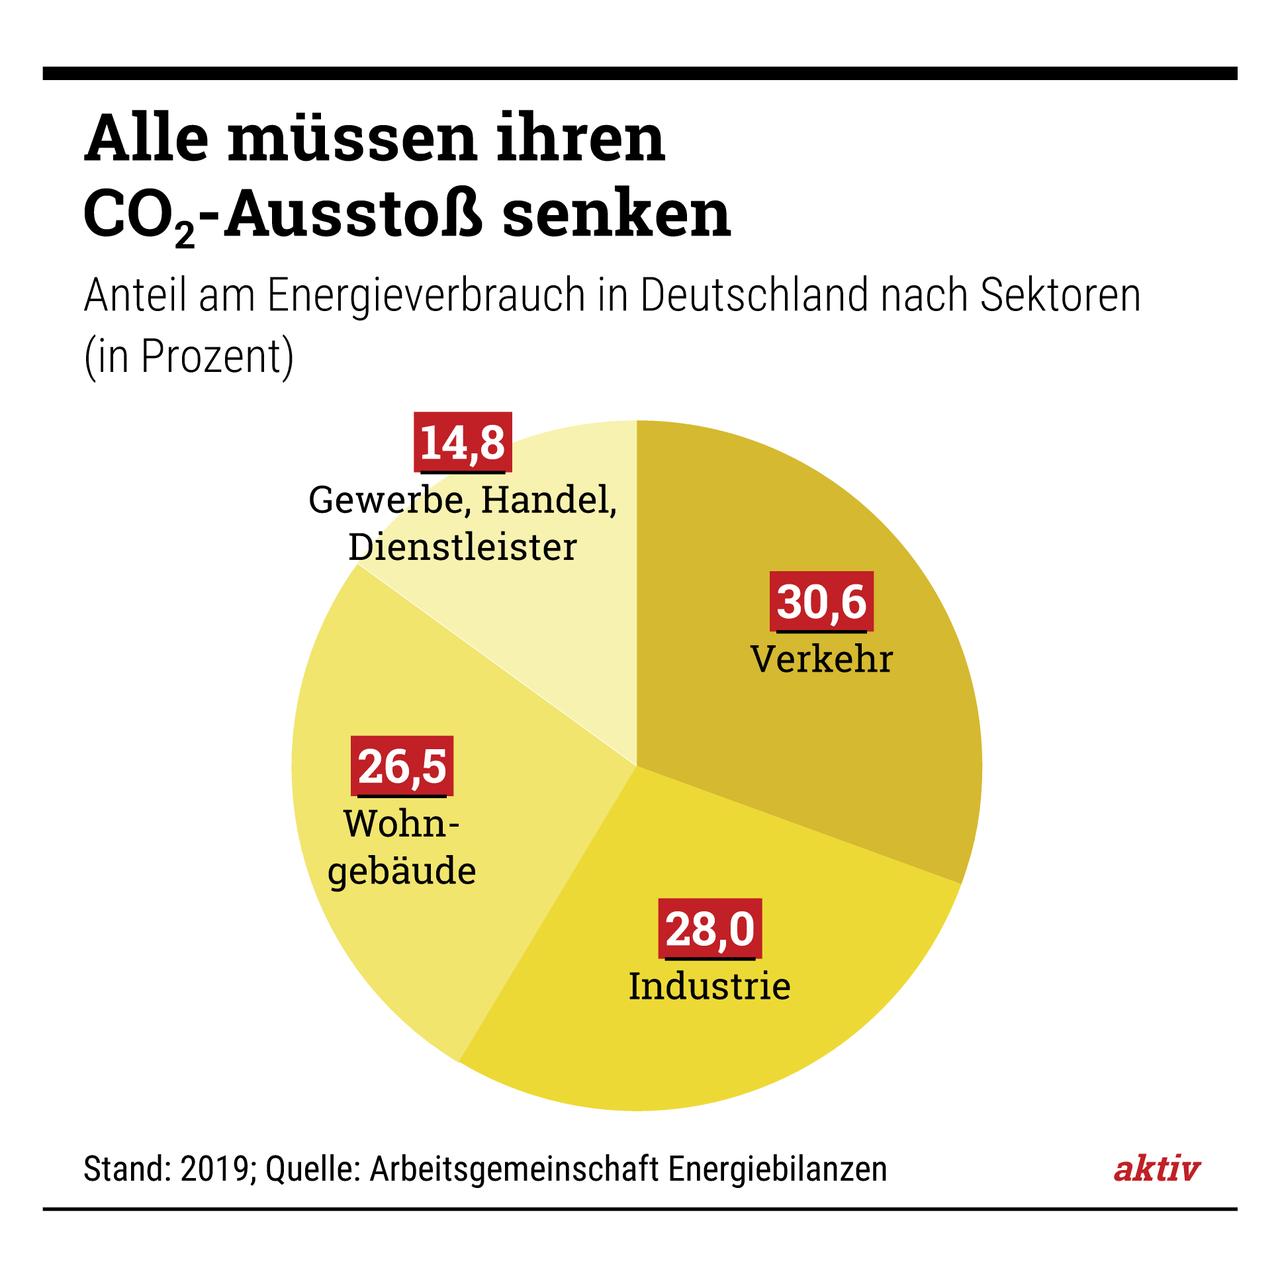 Mussten beim Klimaschutz nachbessern: Svenja Schulze (Bundesumweltministerin), Peter Altmaier (Bundeswirtschaftsminister) und Olaf Scholz (Bundesfinanzminister) (v.l.n.r)